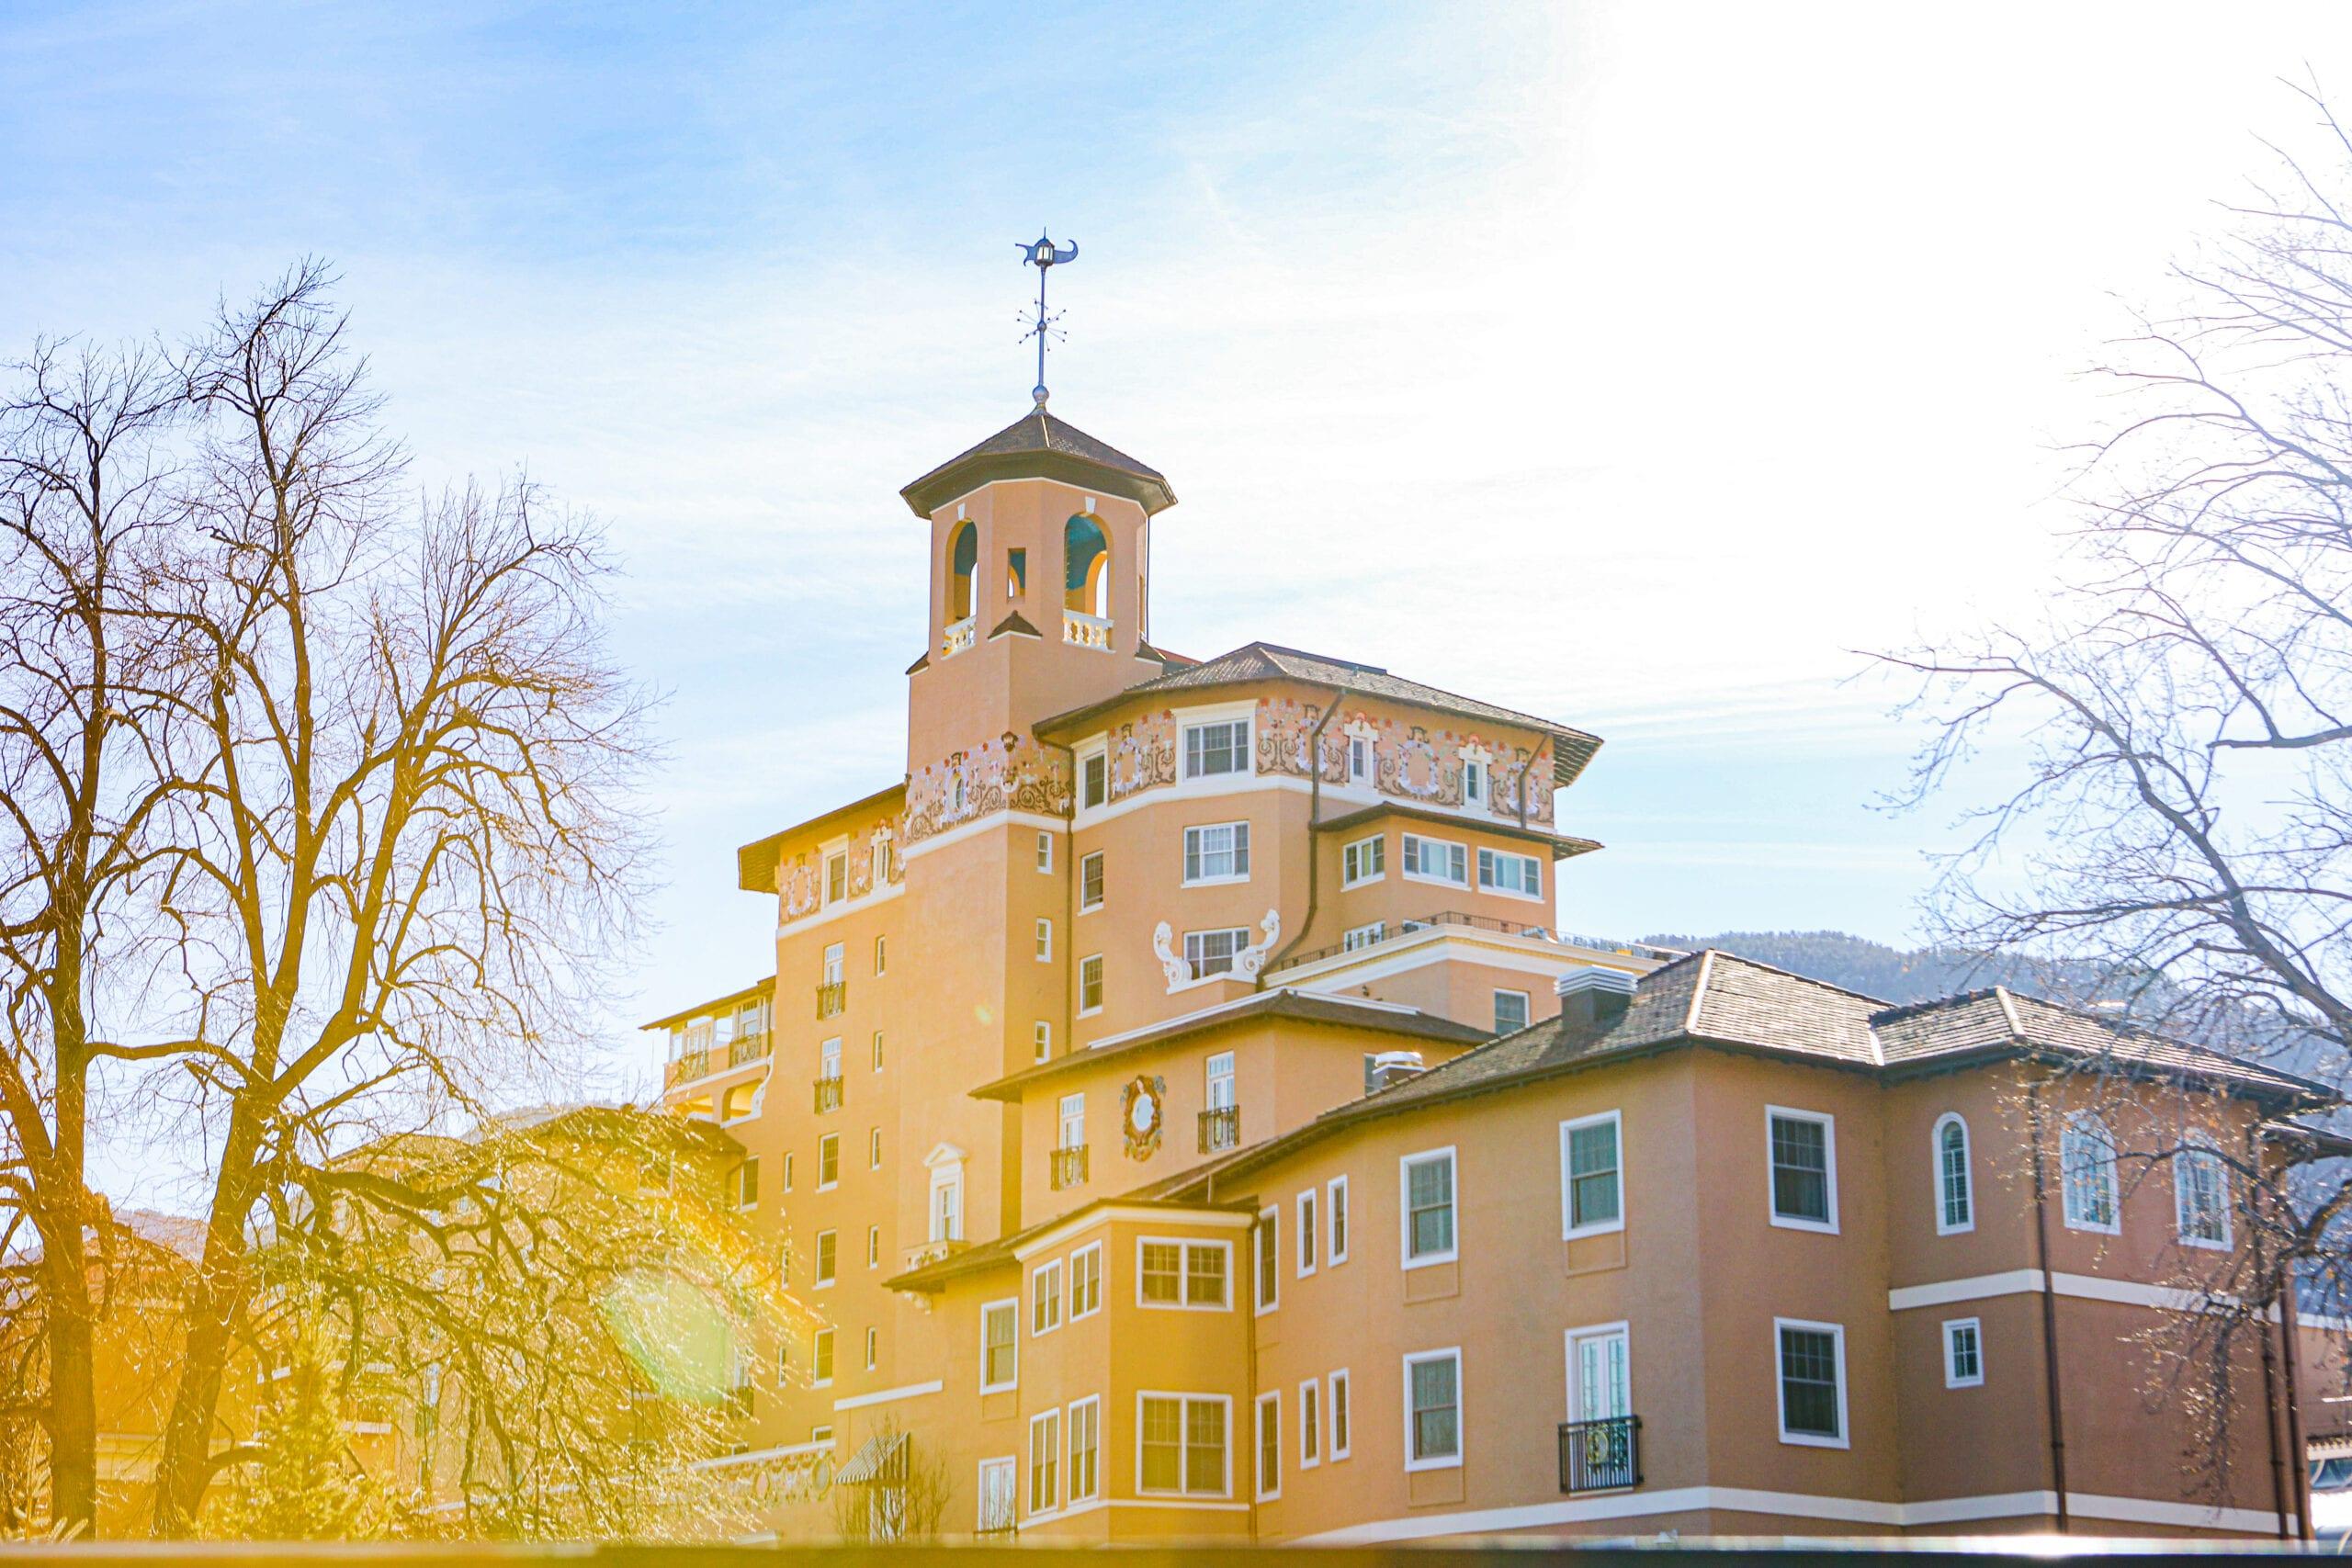 Broadmoor Colorado Springs